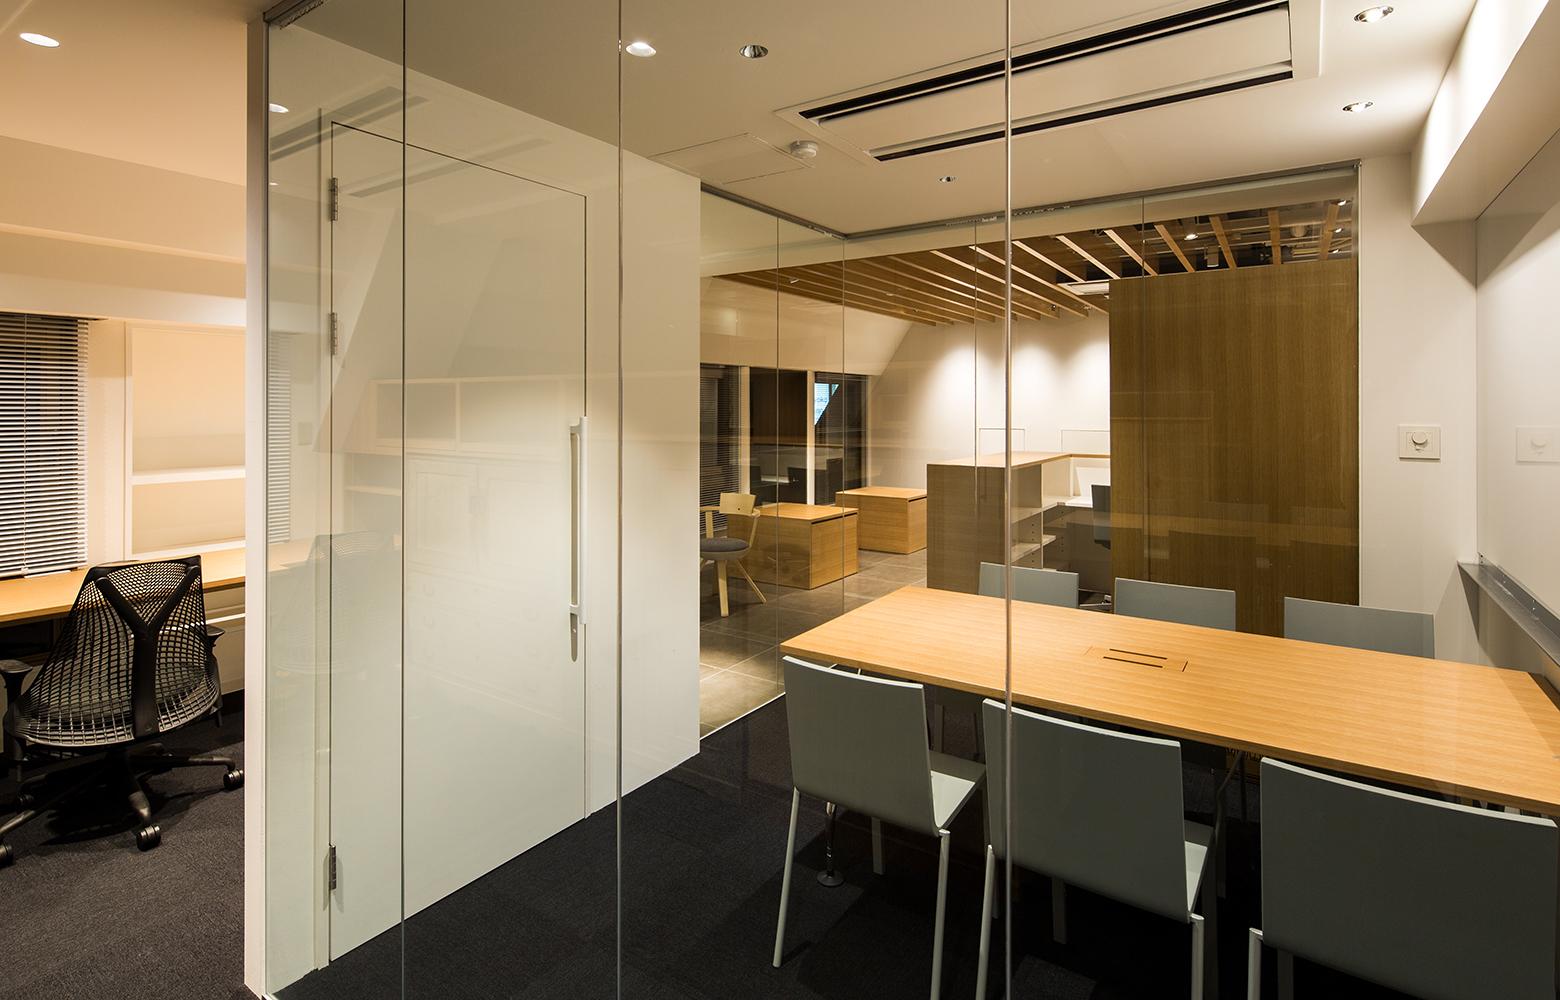 桂屋ファイングッズ株式会社 Meeting Room デザイン・レイアウト事例